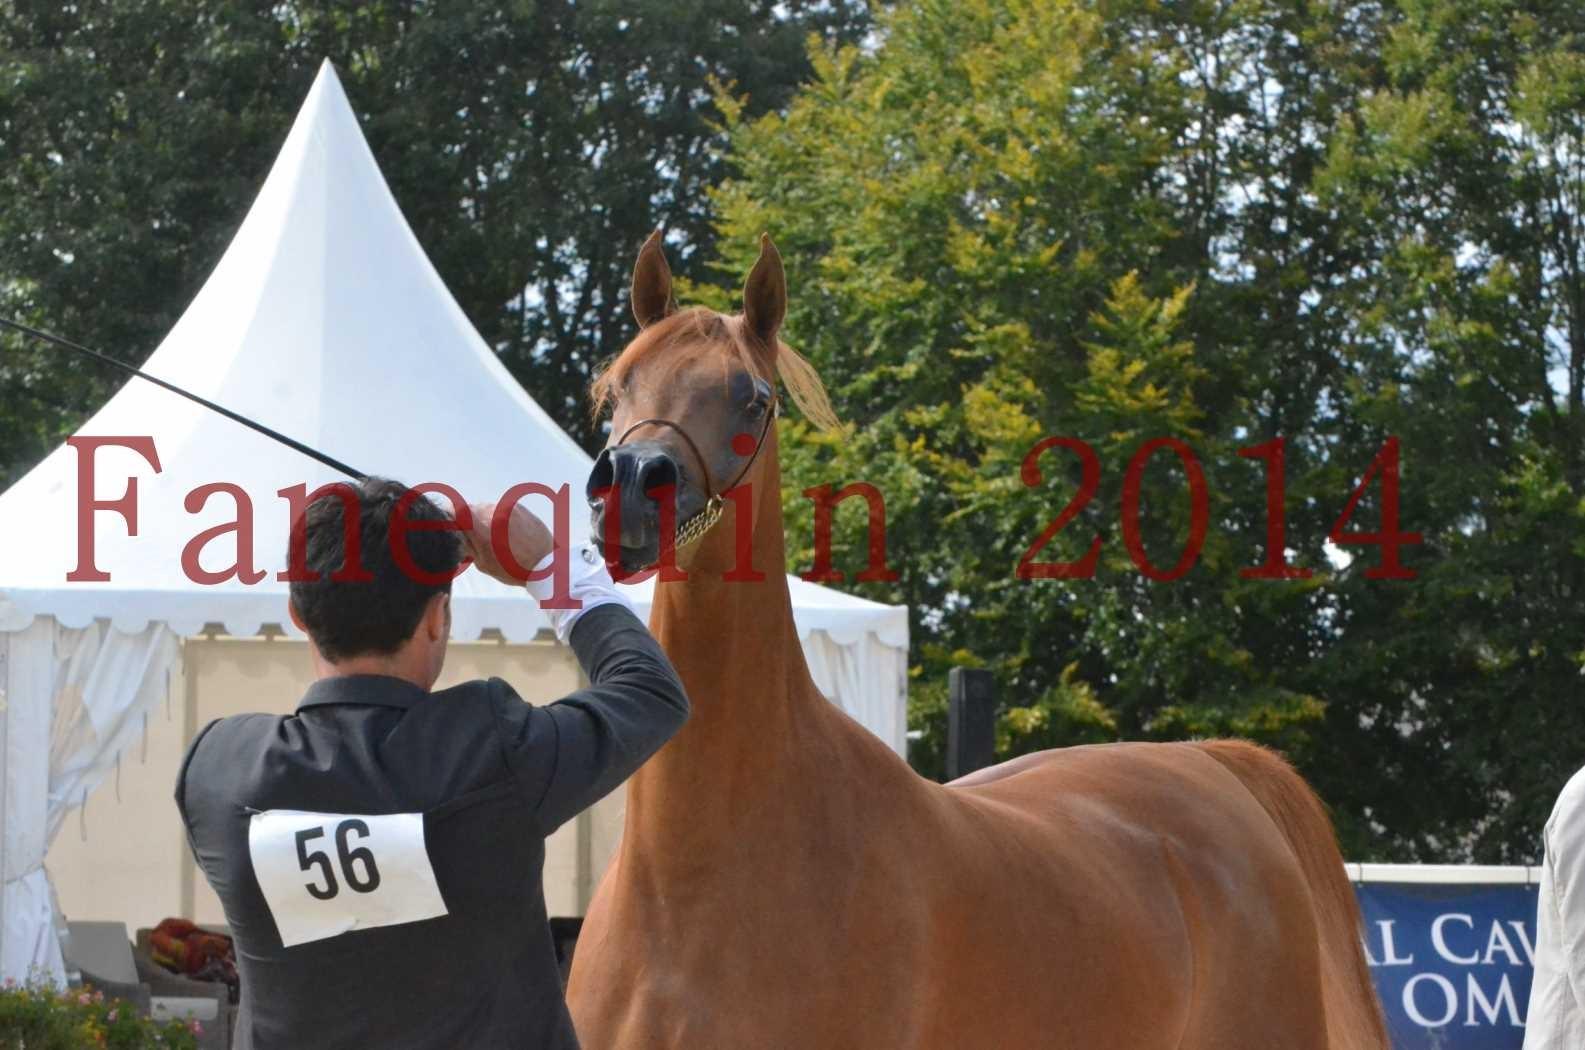 CHAMPIONNAT DE FRANCE 2014 A POMPADOUR - Sélection - LUTFINAH JA - 45